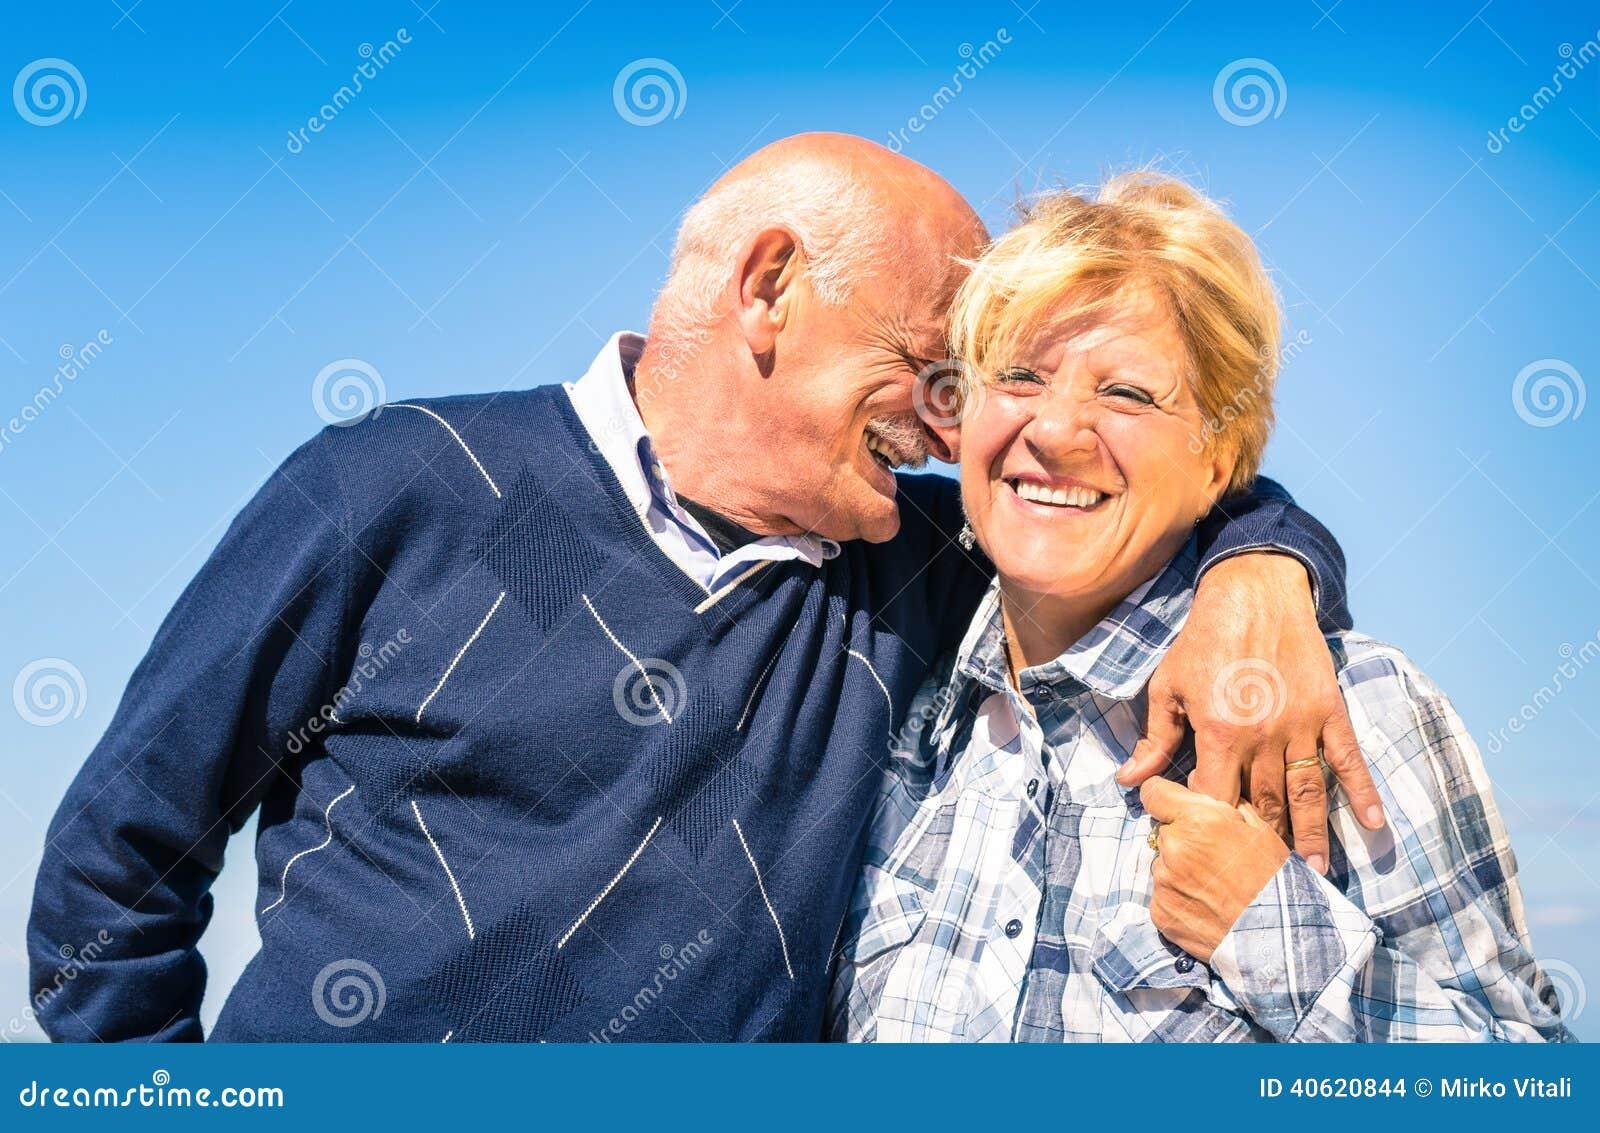 Счастливые старшие пары в влюбленности на выходе на пенсию - радостном пожилом образе жизни